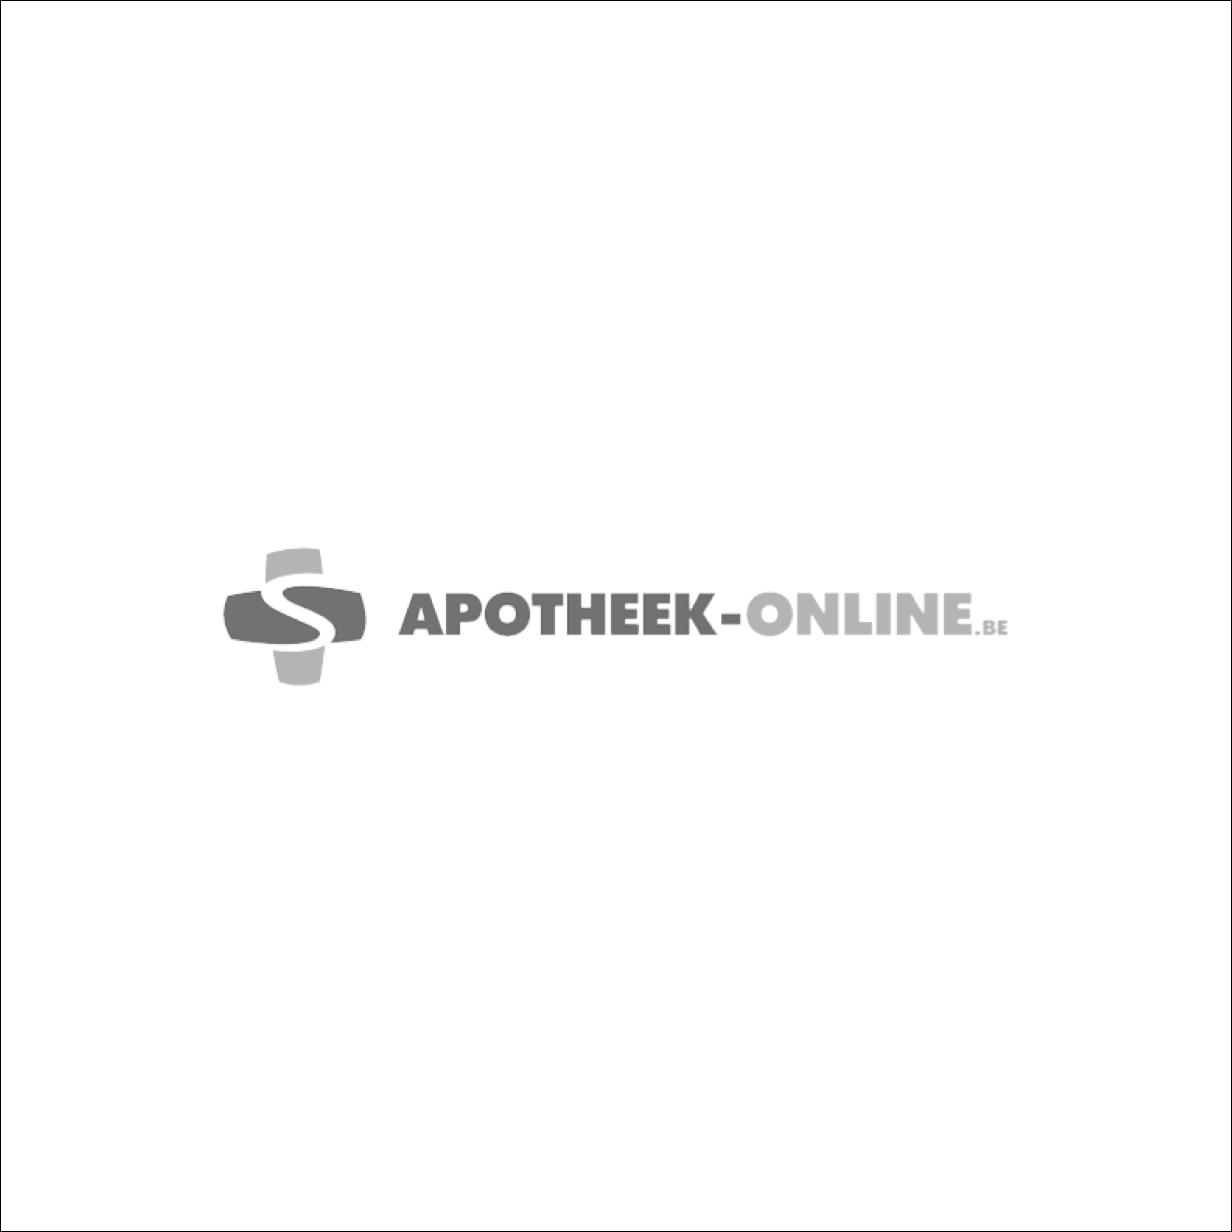 Veinax Hold-ups Transparant 2 Lang Zwart Maat 2 1 Paar